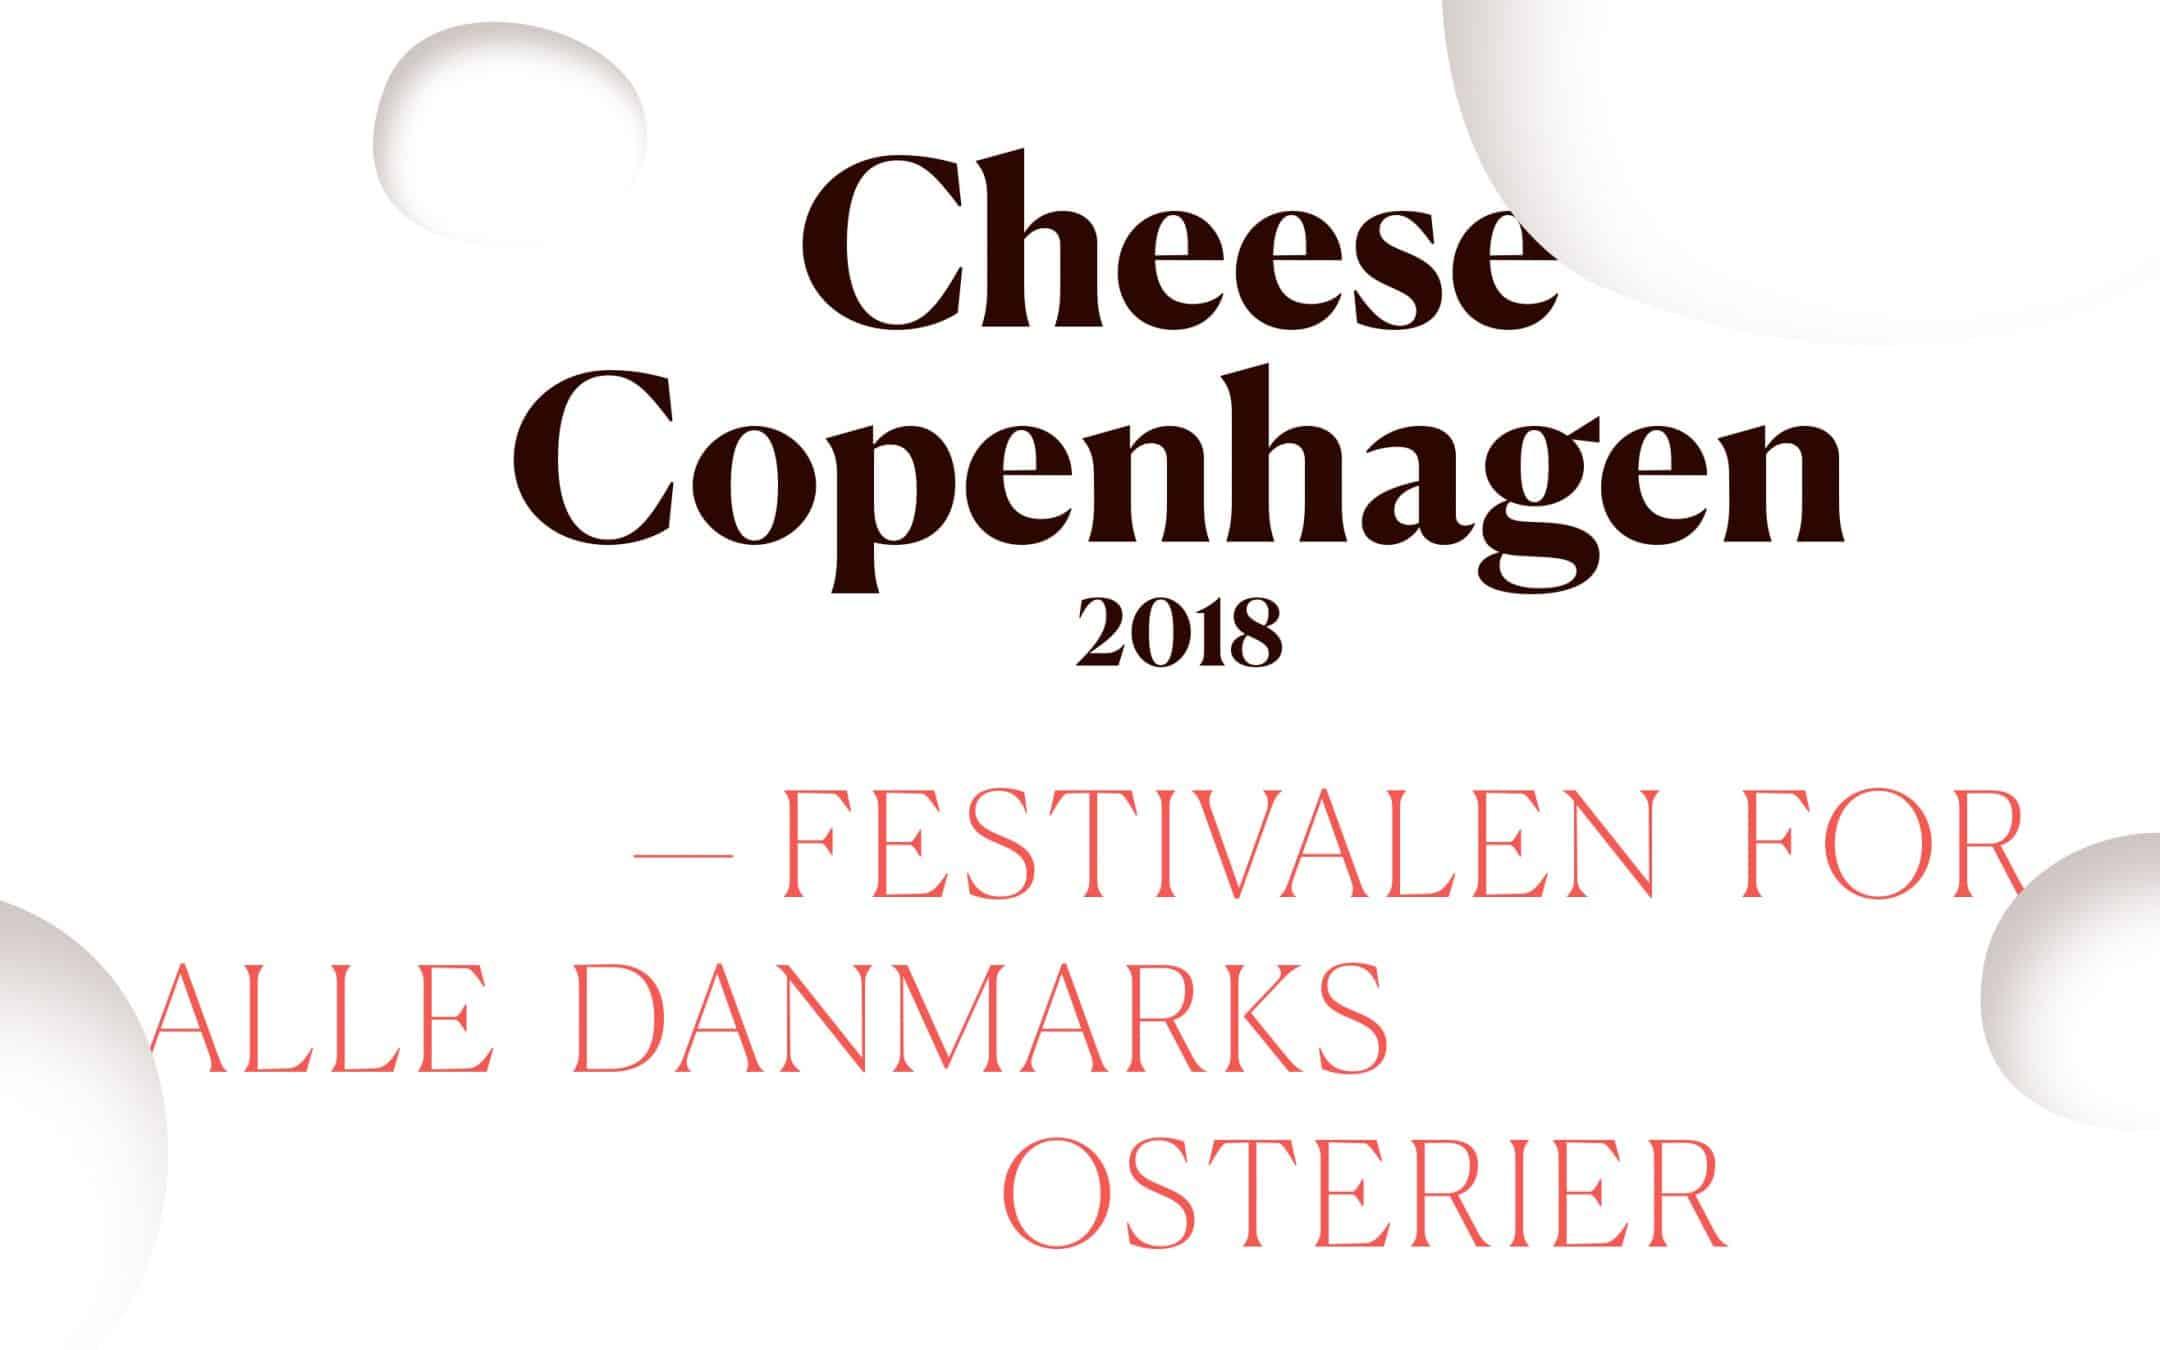 Medarbejdere søges til ostefestivalen Cheese Copenhagen 2018